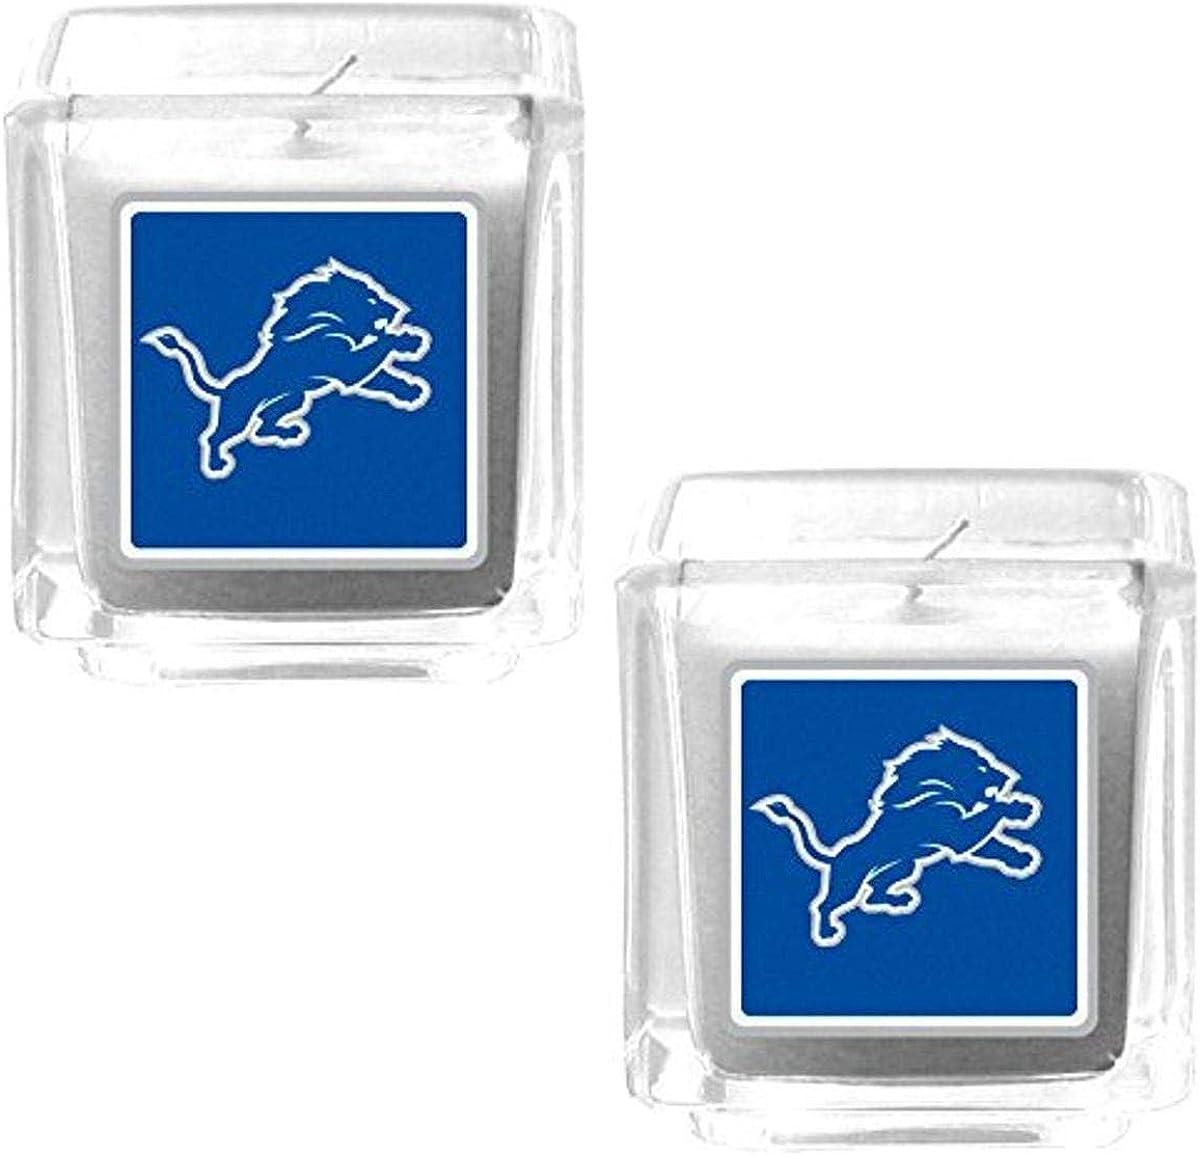 NFL Siskiyou Sports Fan Shop Detroit Lions Graphics Candle Set One Size Team Color